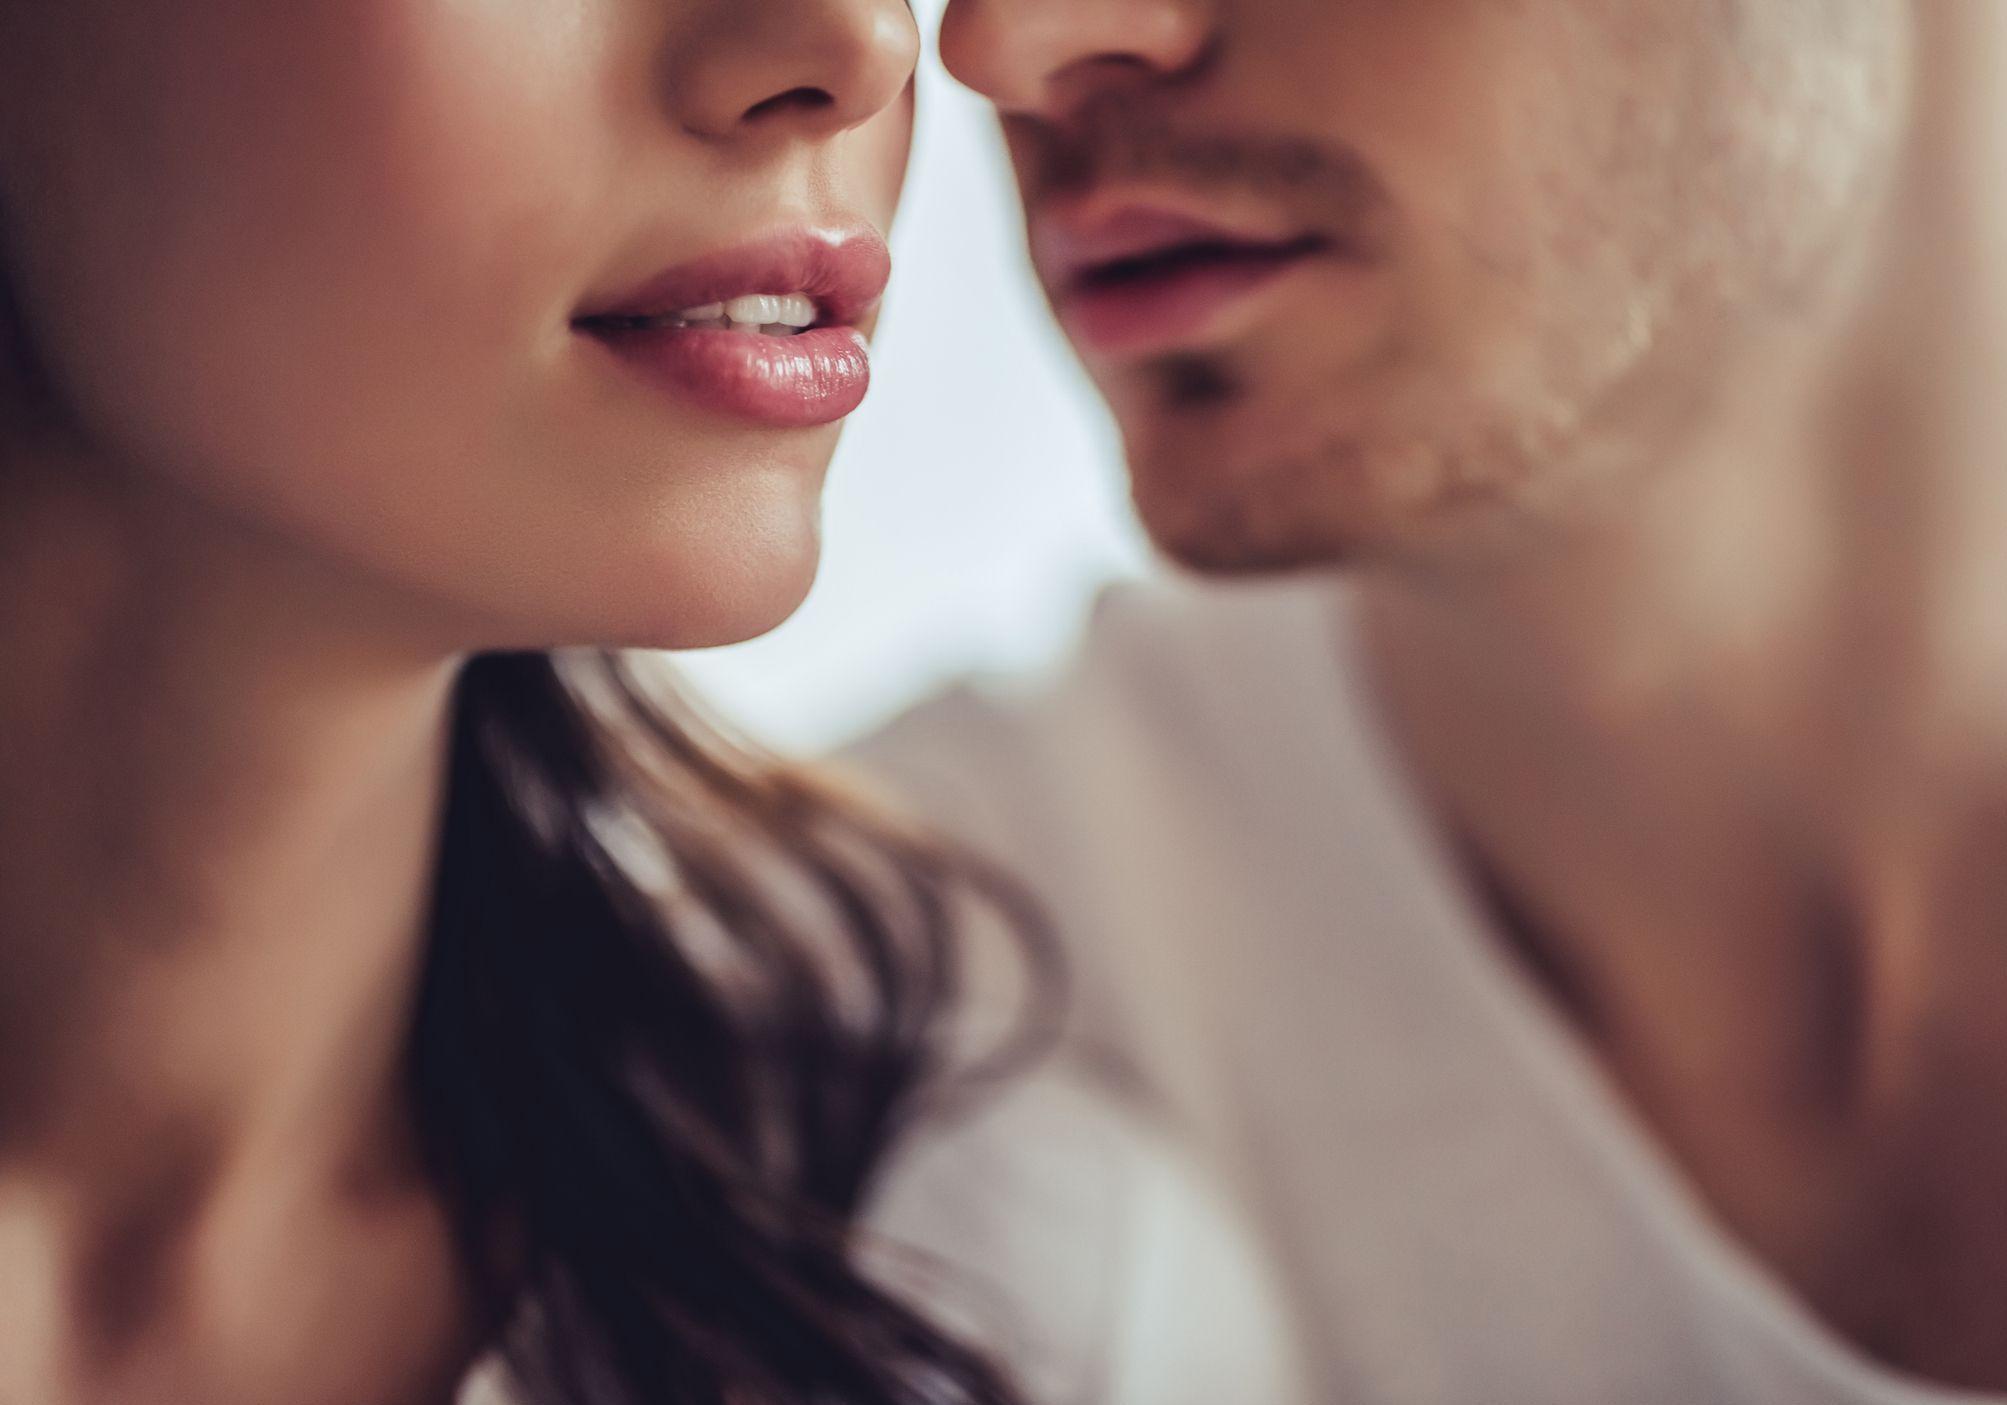 Elles préfèrent le sexe sans pénétration et nous expliquent pourquoi